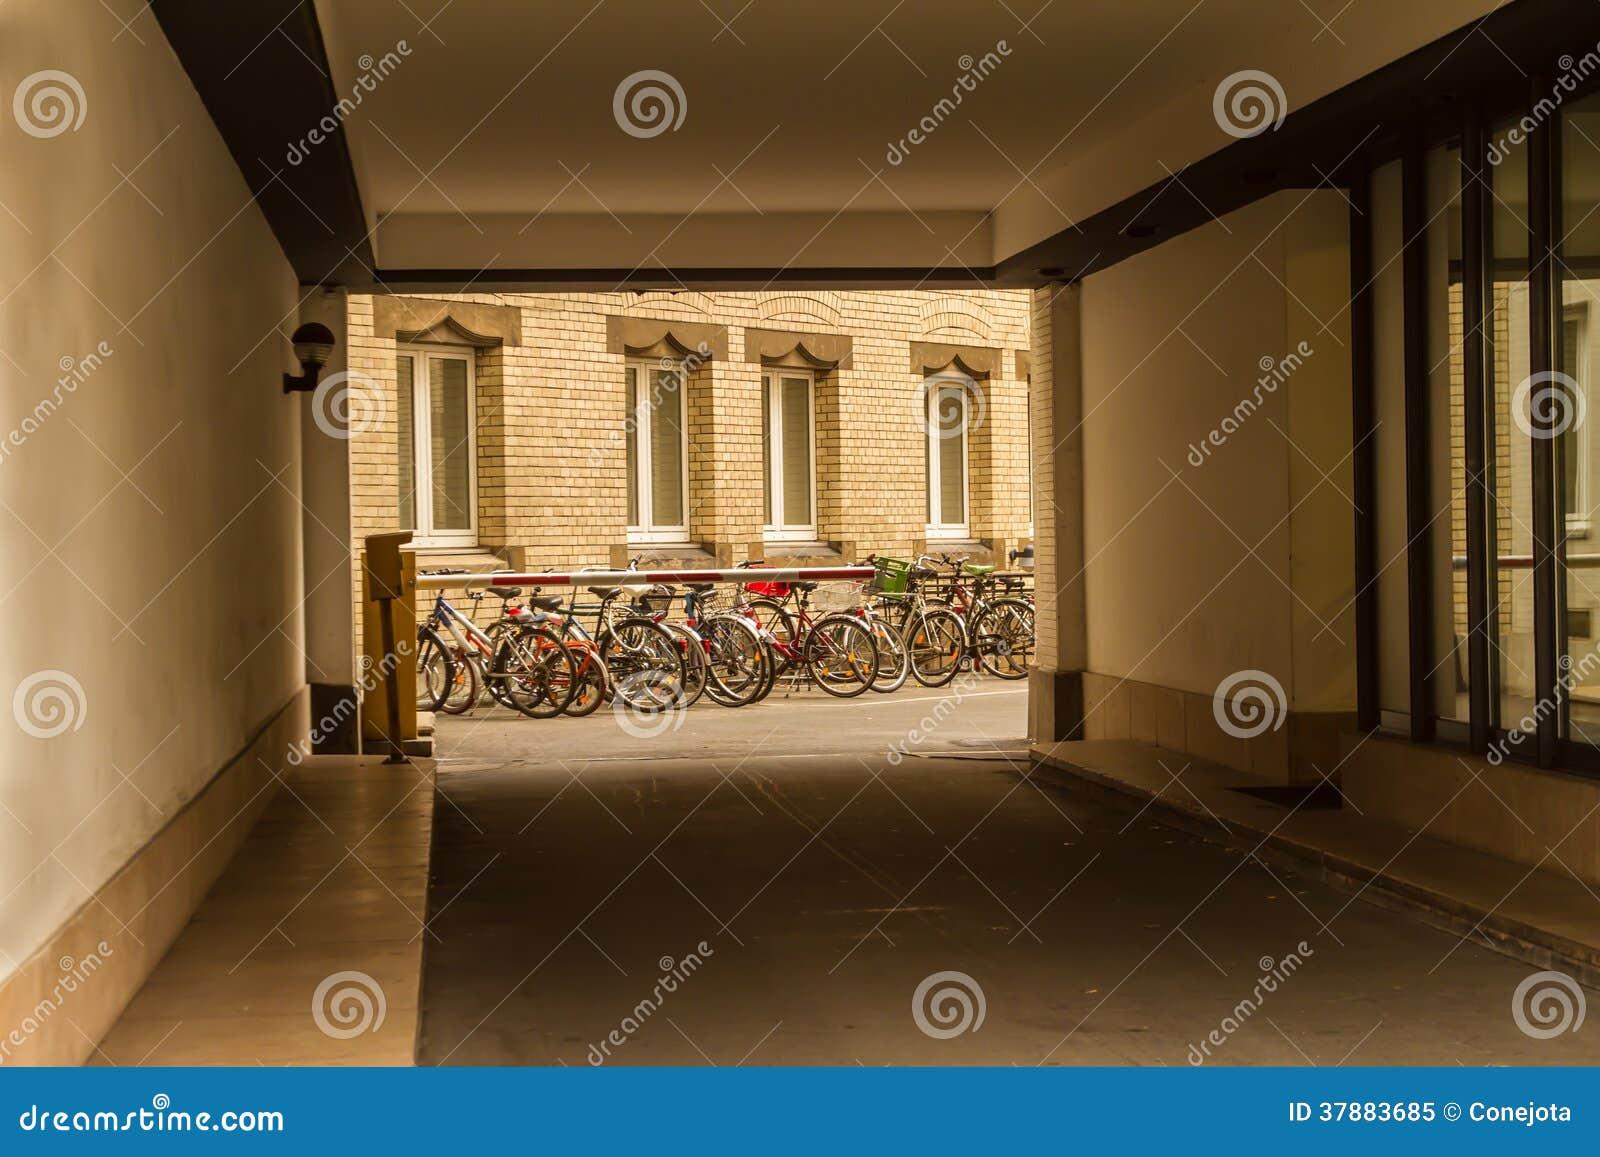 Biciclette in un cortile